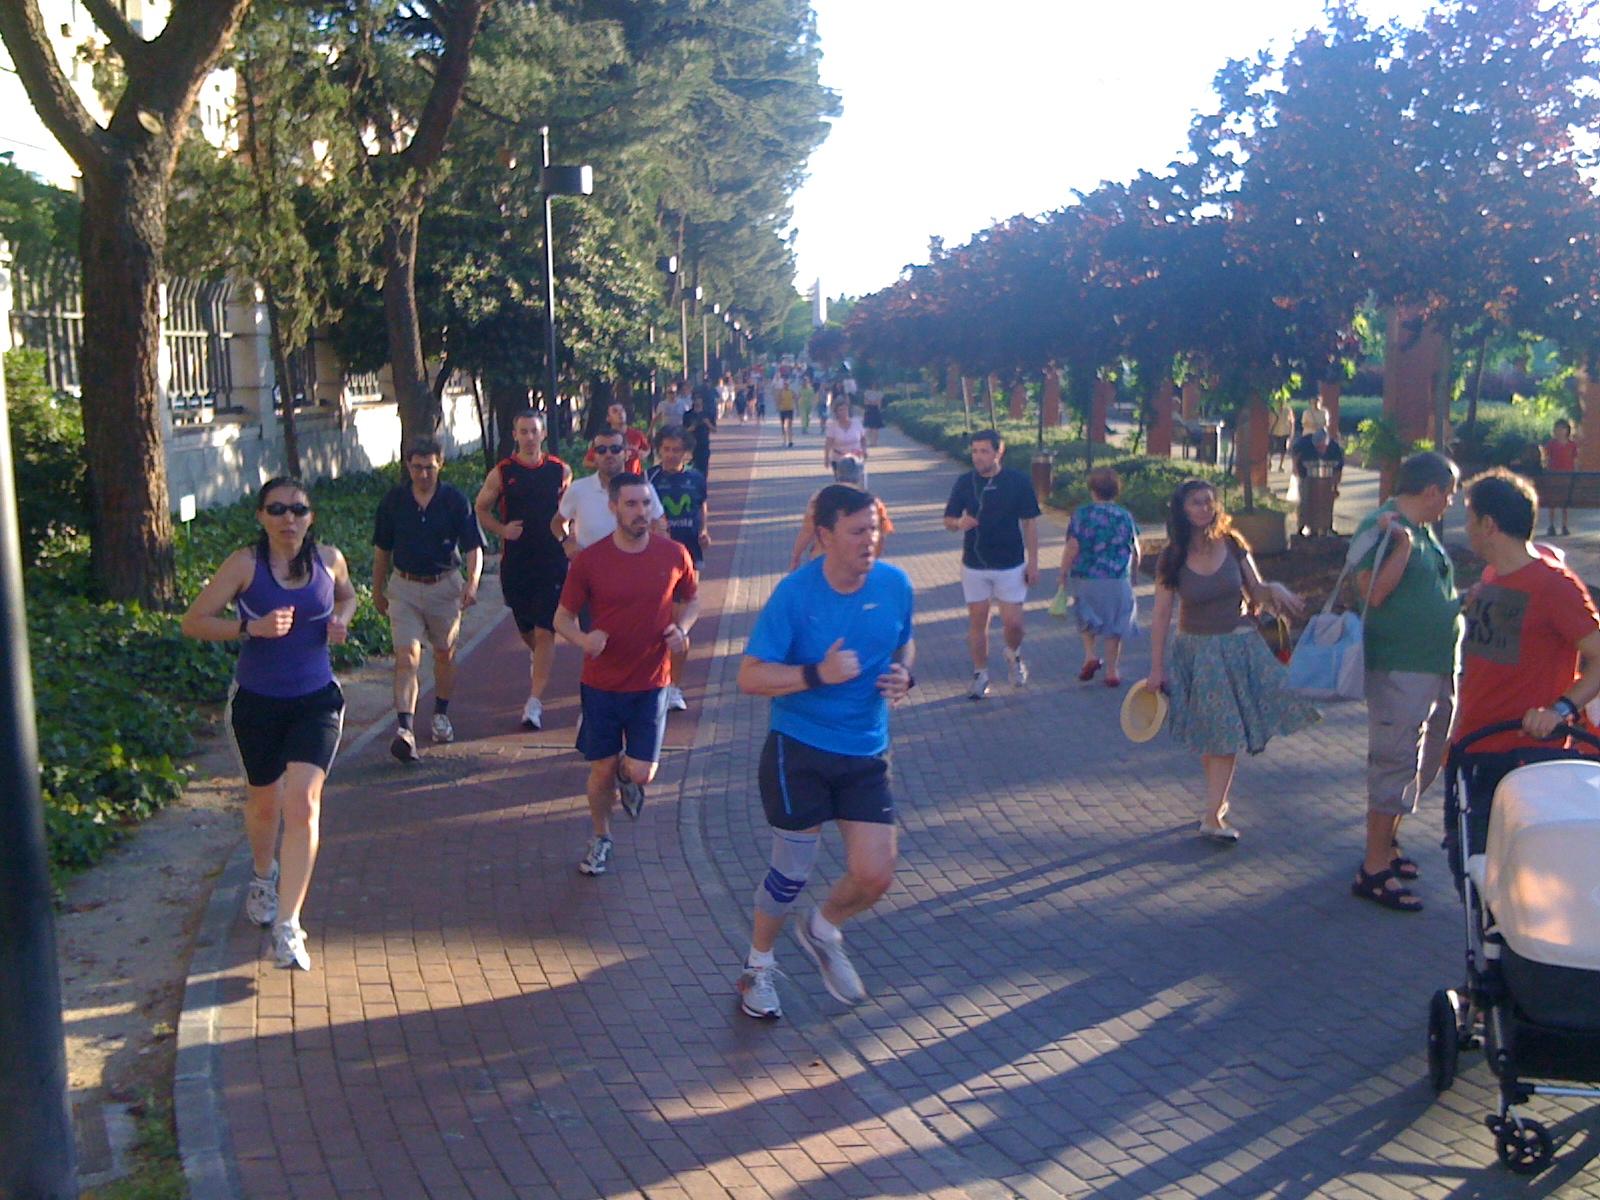 Cuaderno de un maratoniano novato corriendo por madrid overbooking - Oficinas canal isabel ii madrid ...